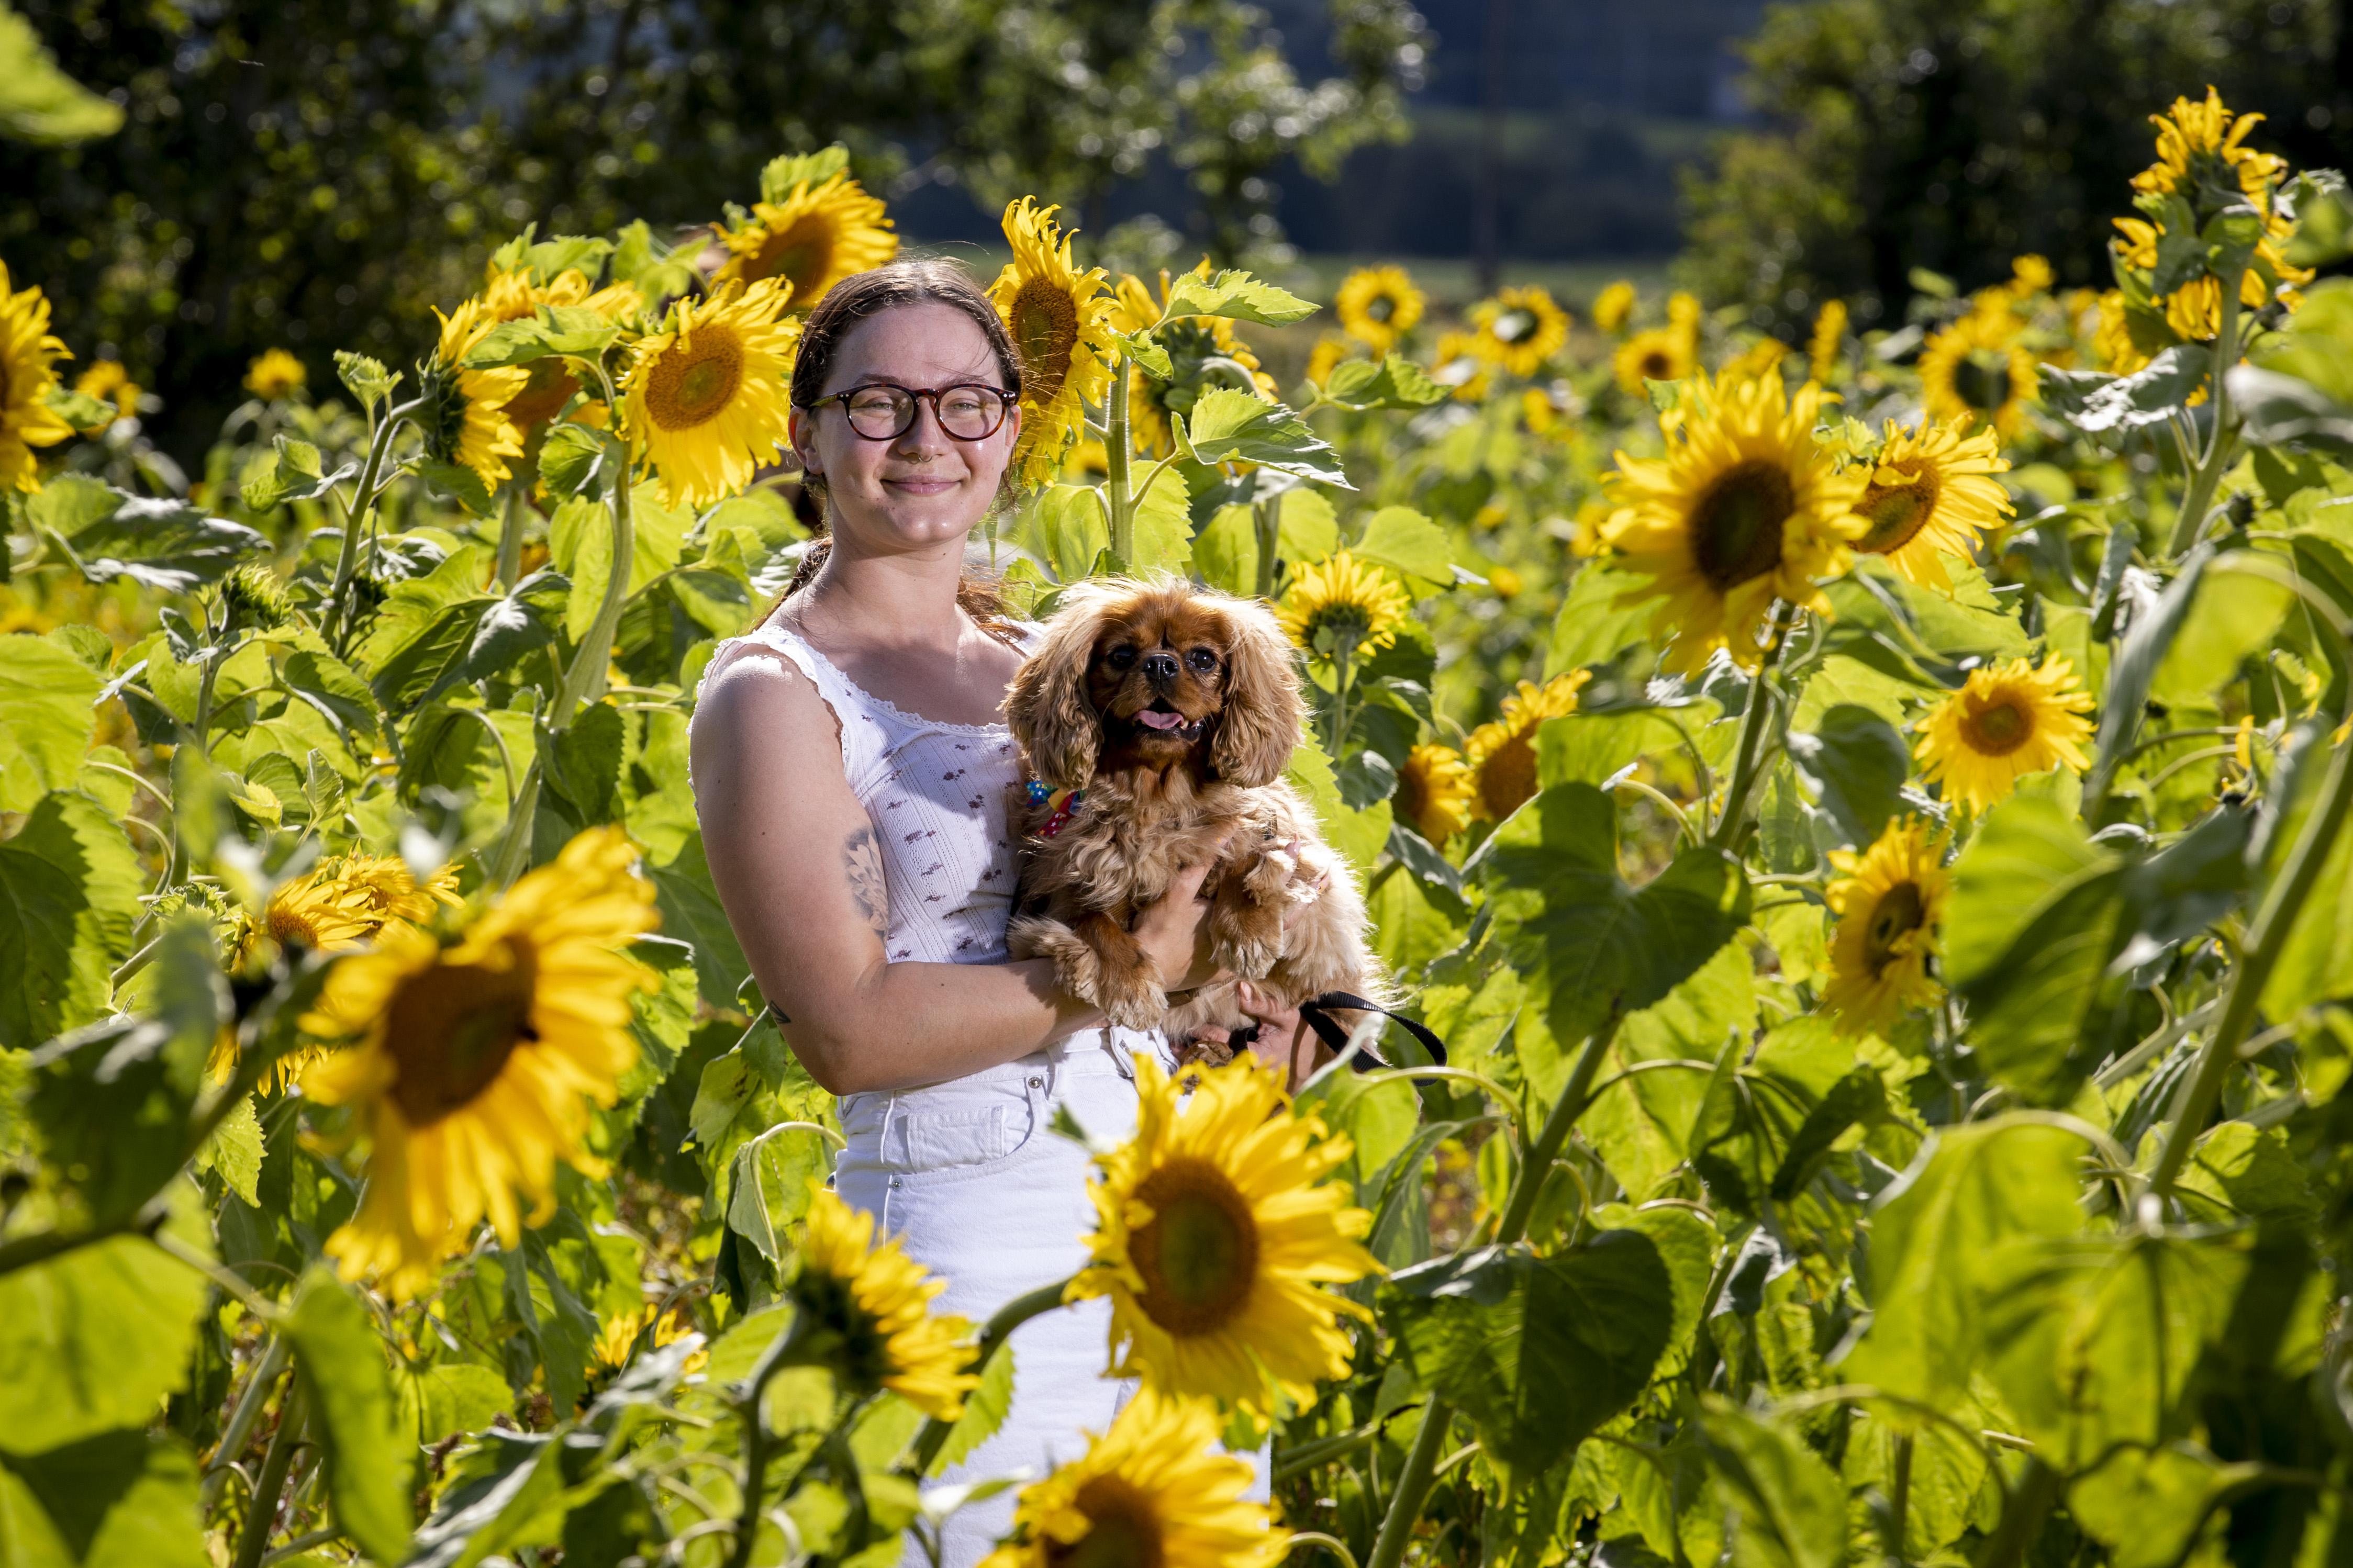 Woman and dog among sunflowers